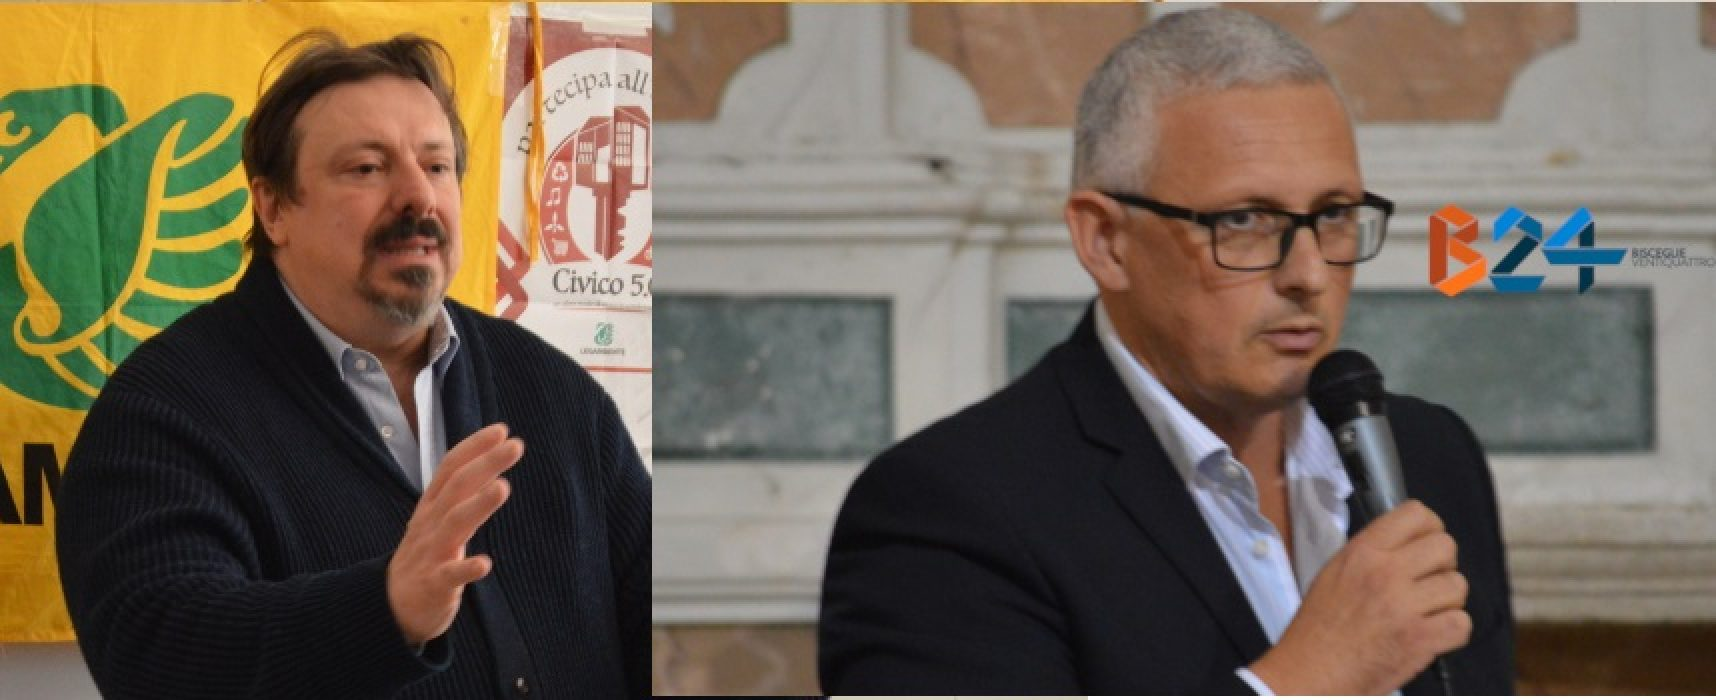 """Legambiente Bisceglie: """"Caro vice sindaco, il Premio Comune Riciclone non le spettava"""""""